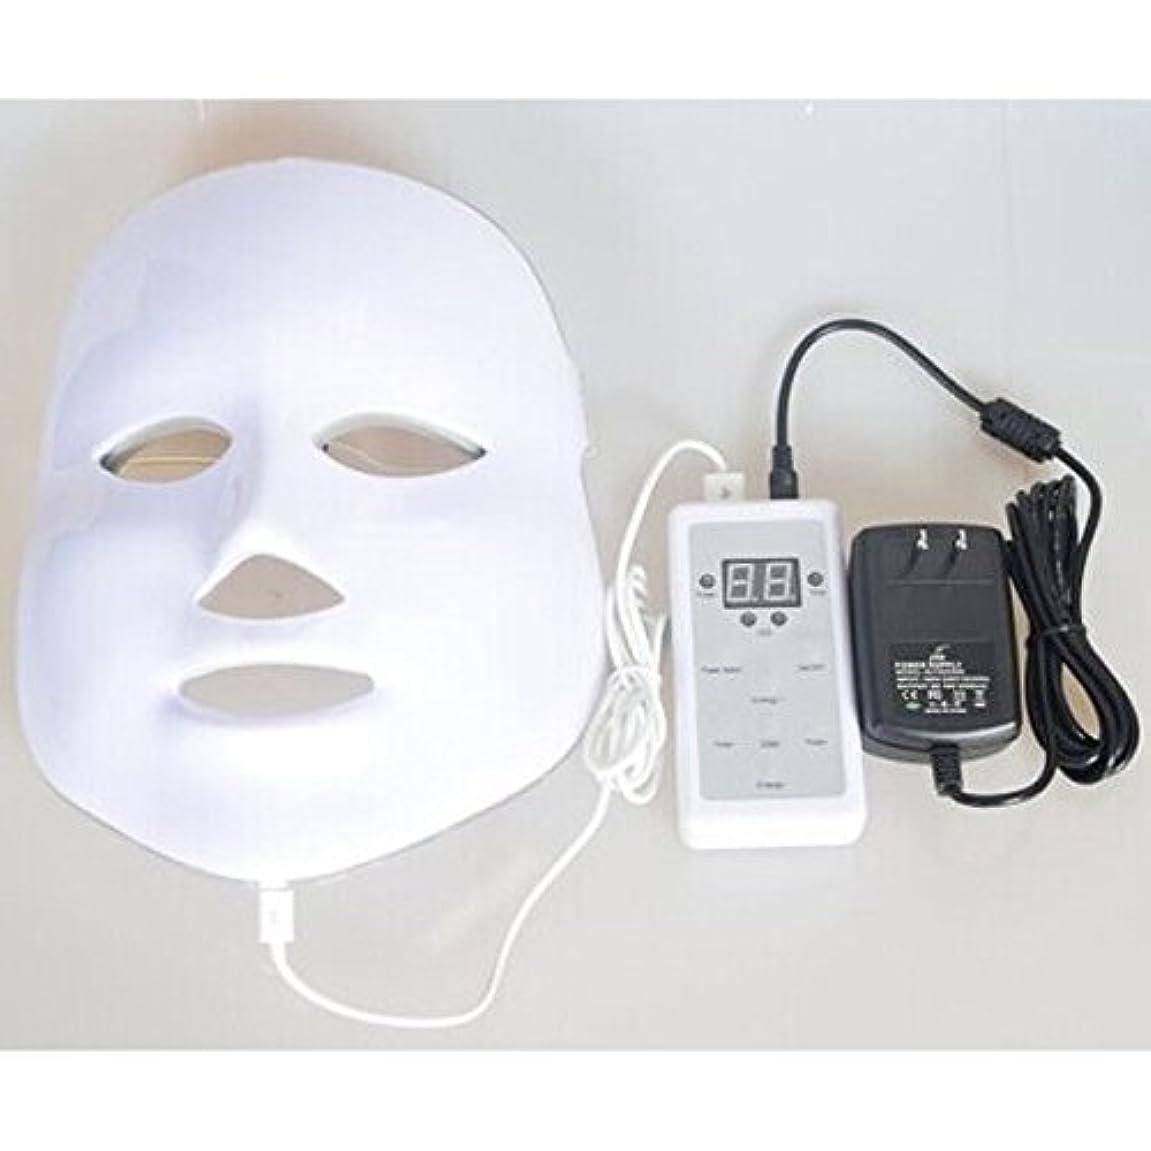 ペンス病誤ってLED美顔器 7色 美顔マスク 美容 たるみ ほうれい線 美肌 ニキビ対策 コラーゲン生成 美白 エイジングケア